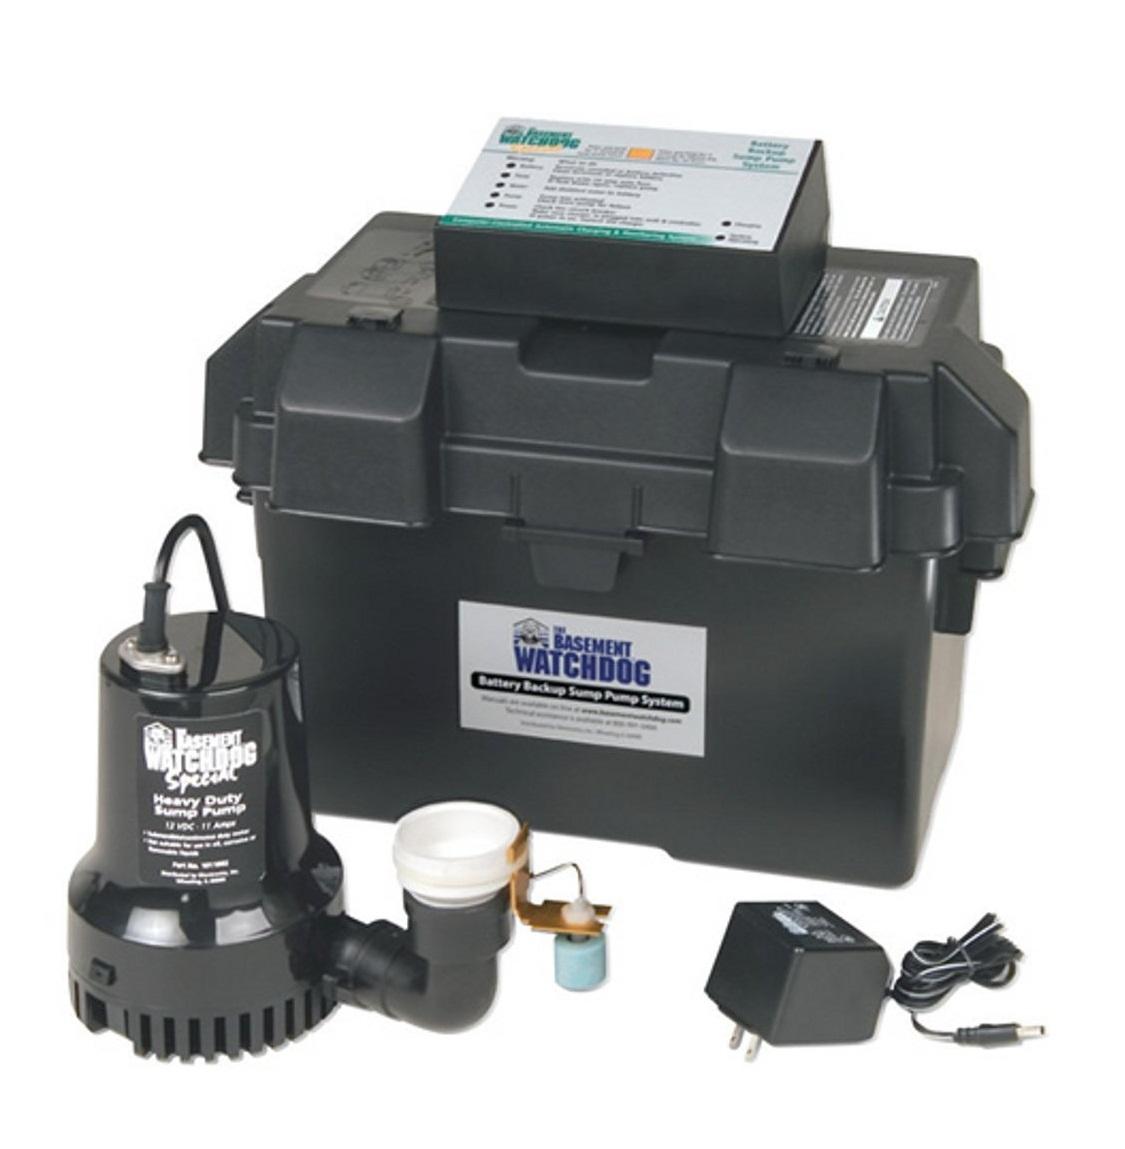 Watchdog Battery Backup Sump Pump Sump Pump Advisor